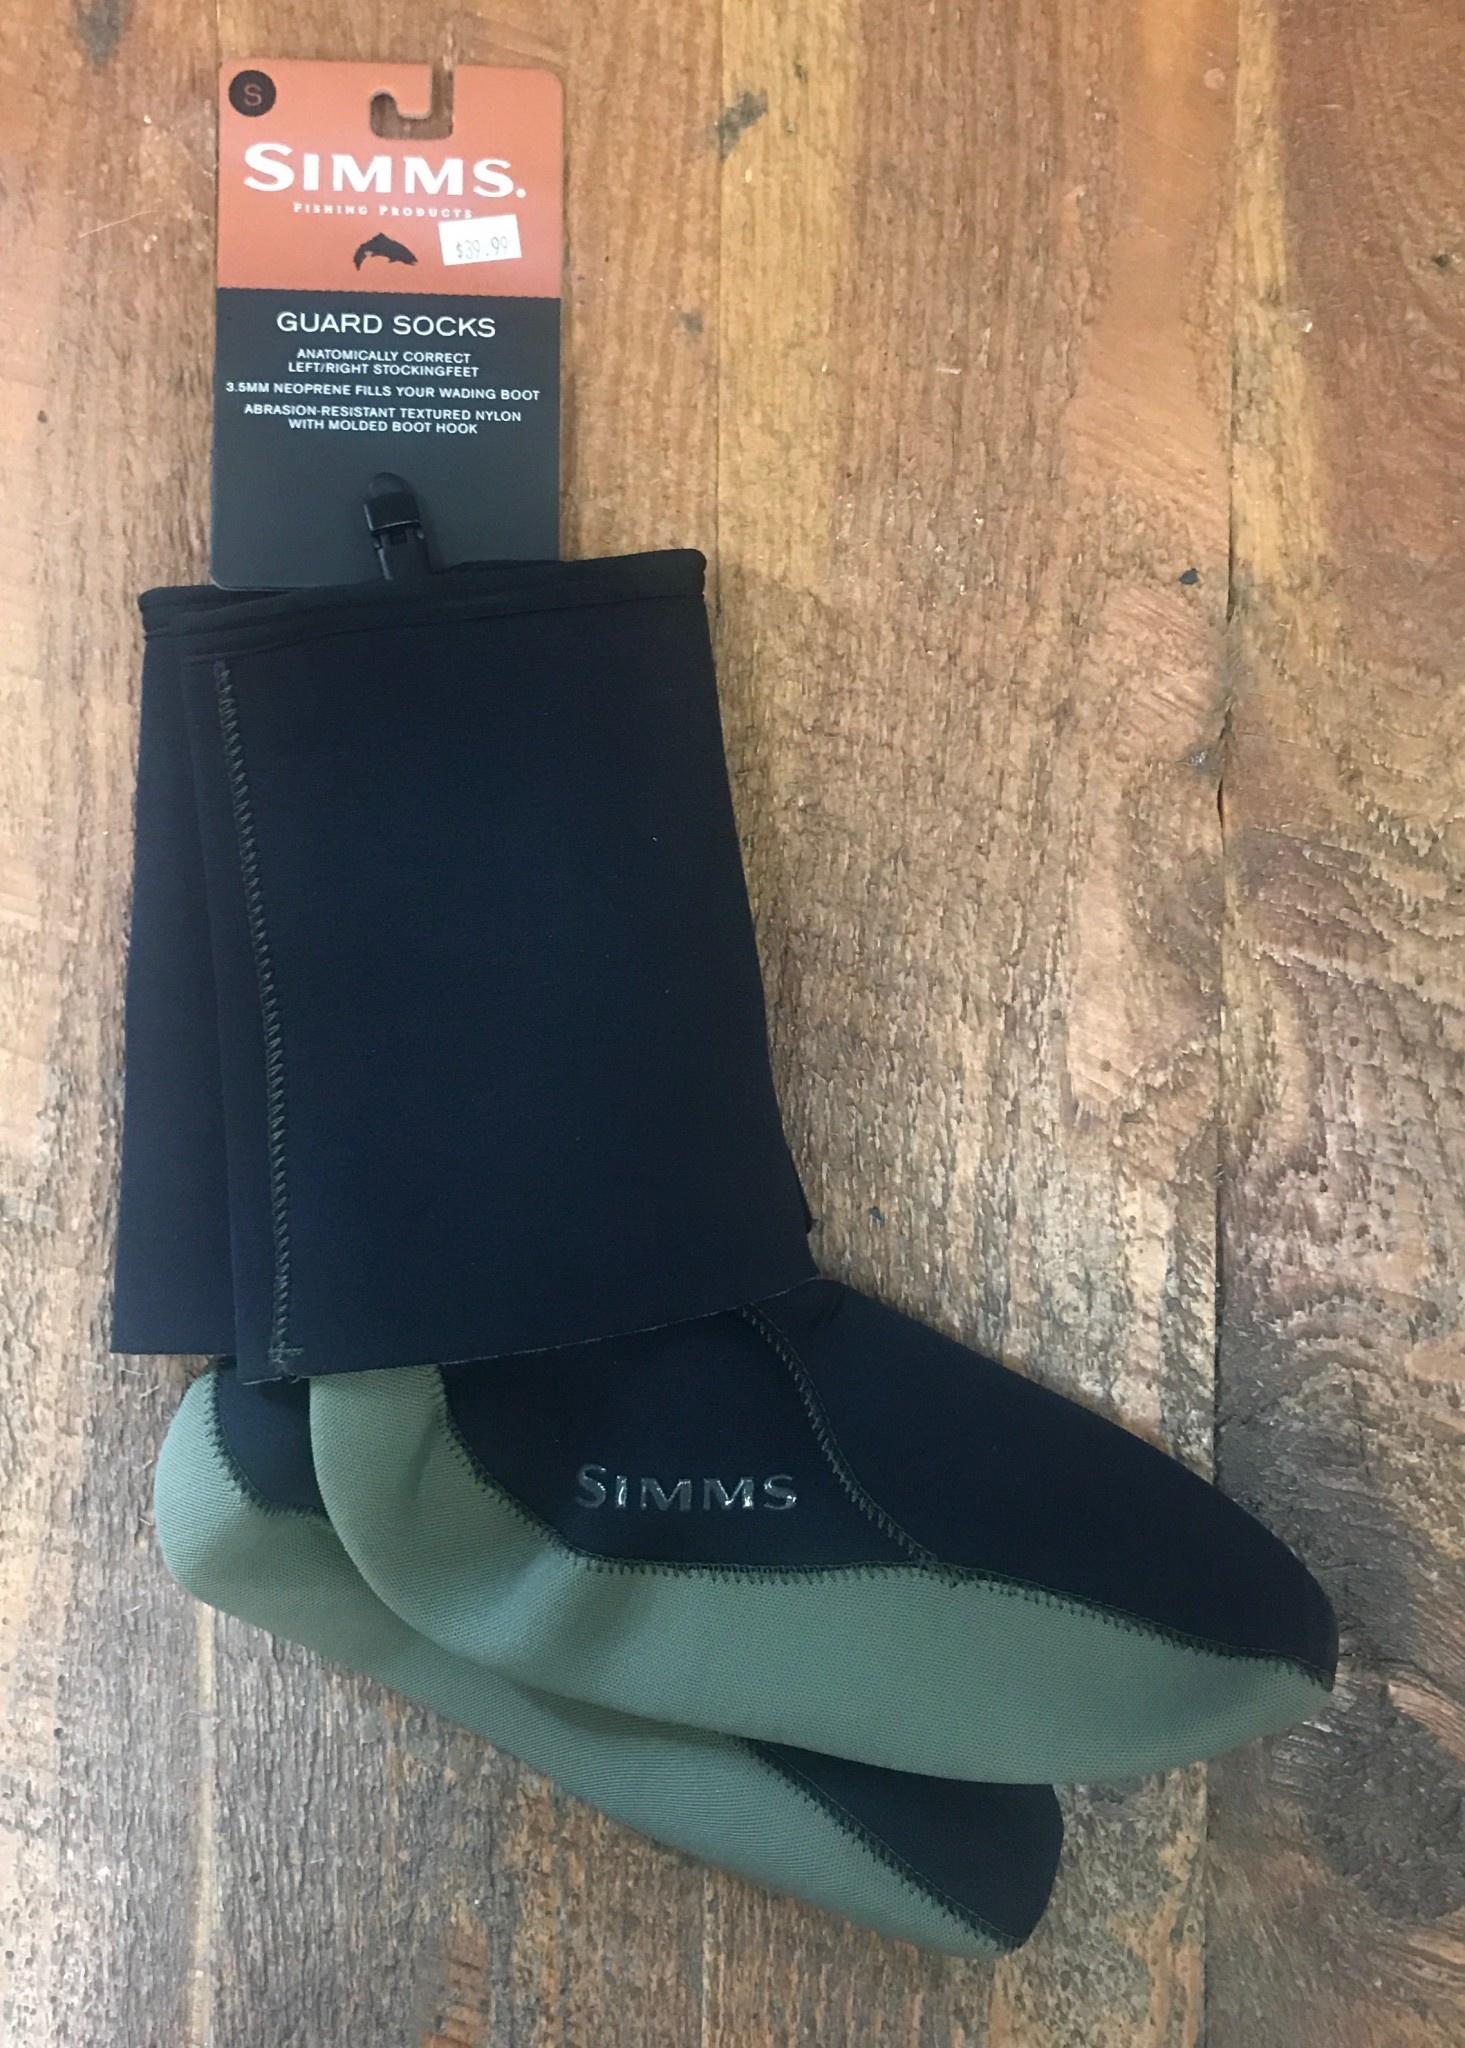 Simms Guard Socks Black Small 50% Off